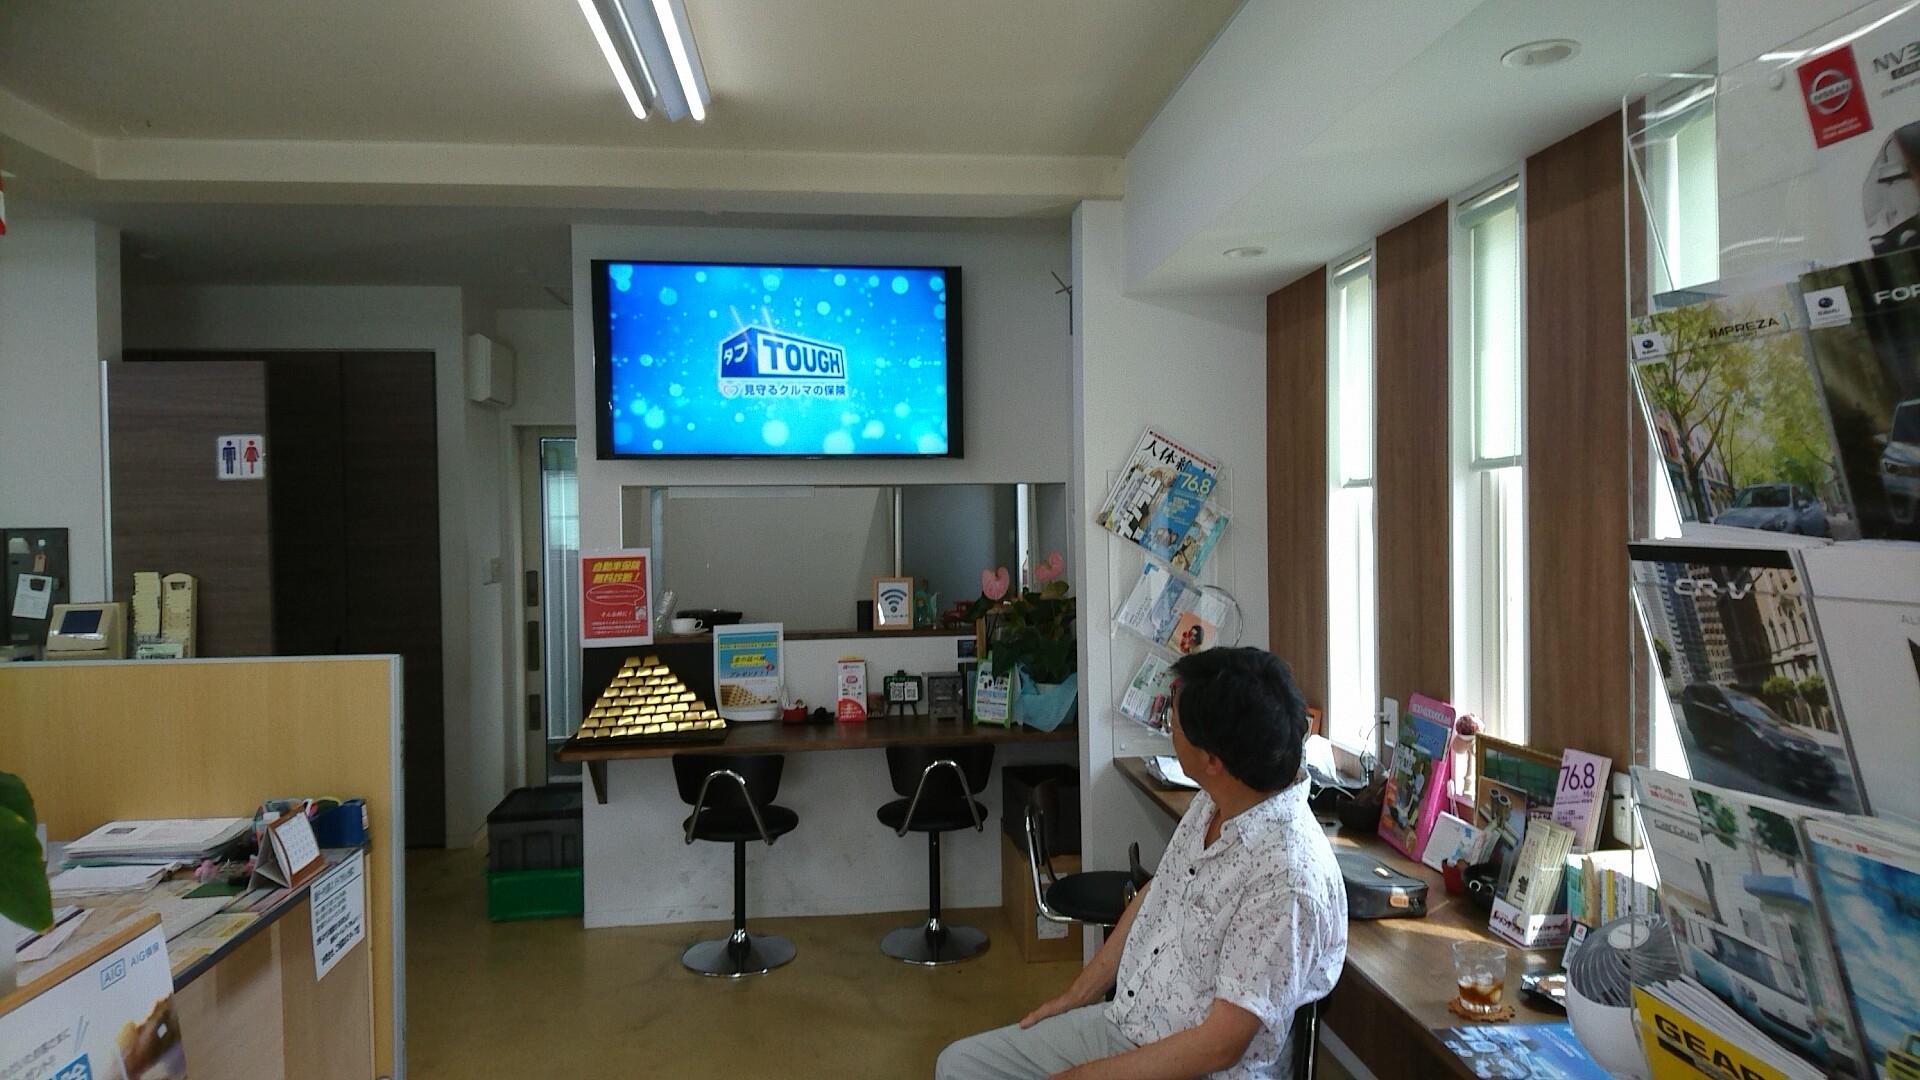 説明上手なテレビ。_b0237229_16022846.jpg